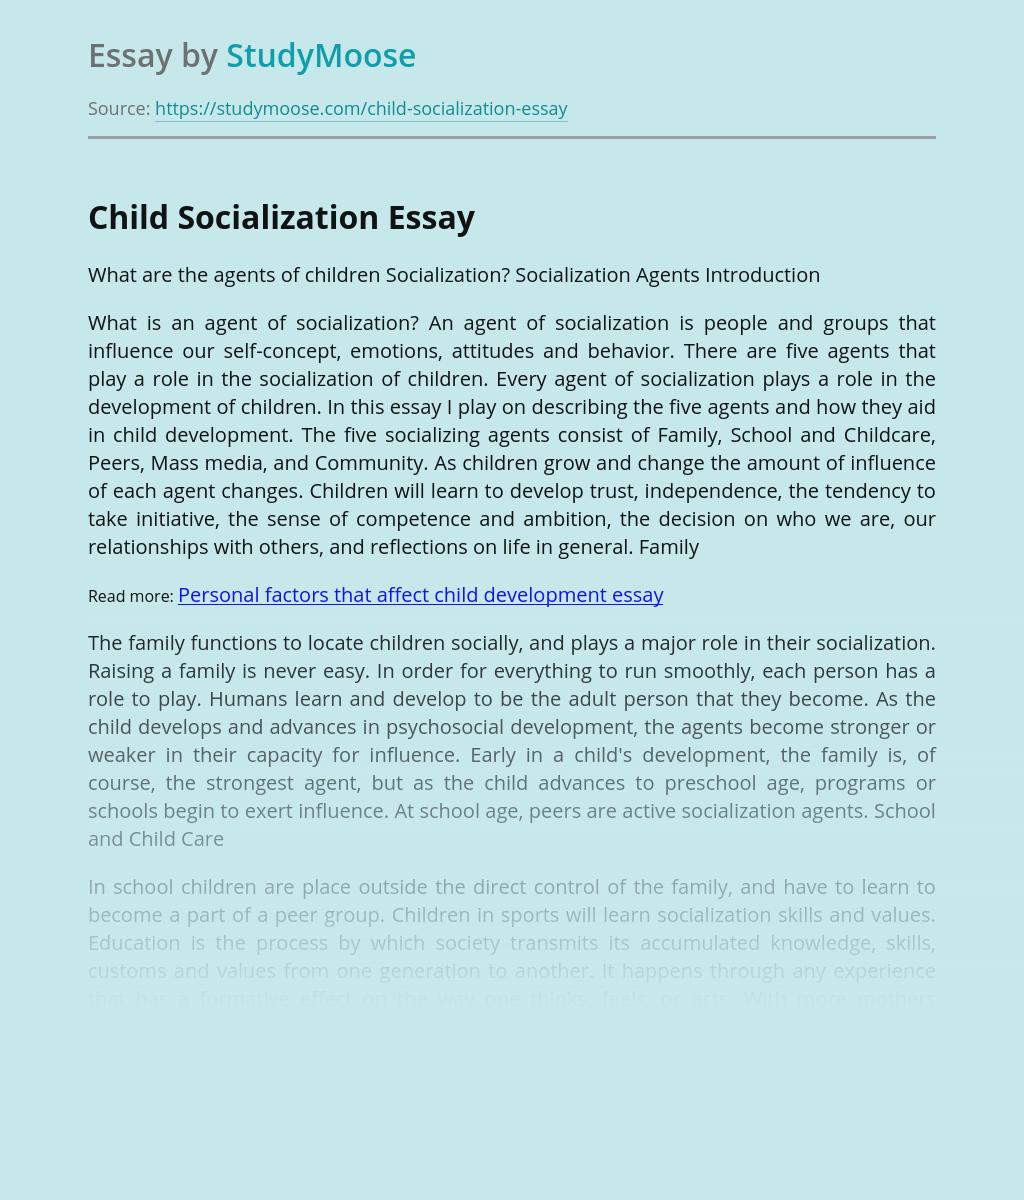 Child Socialization